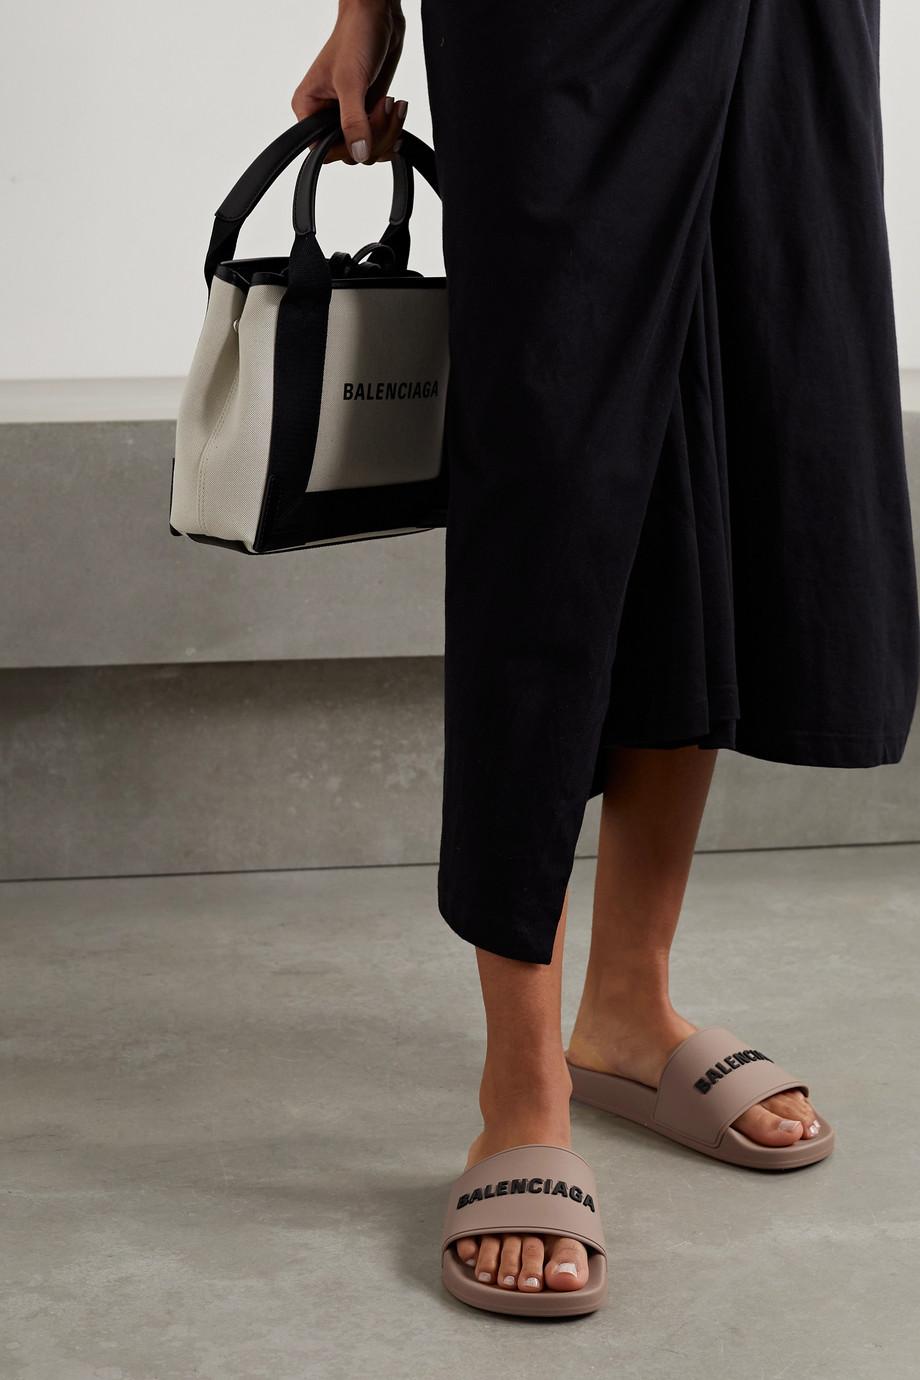 Balenciaga Piscine Pantoletten aus Gummi mit Logoprägung